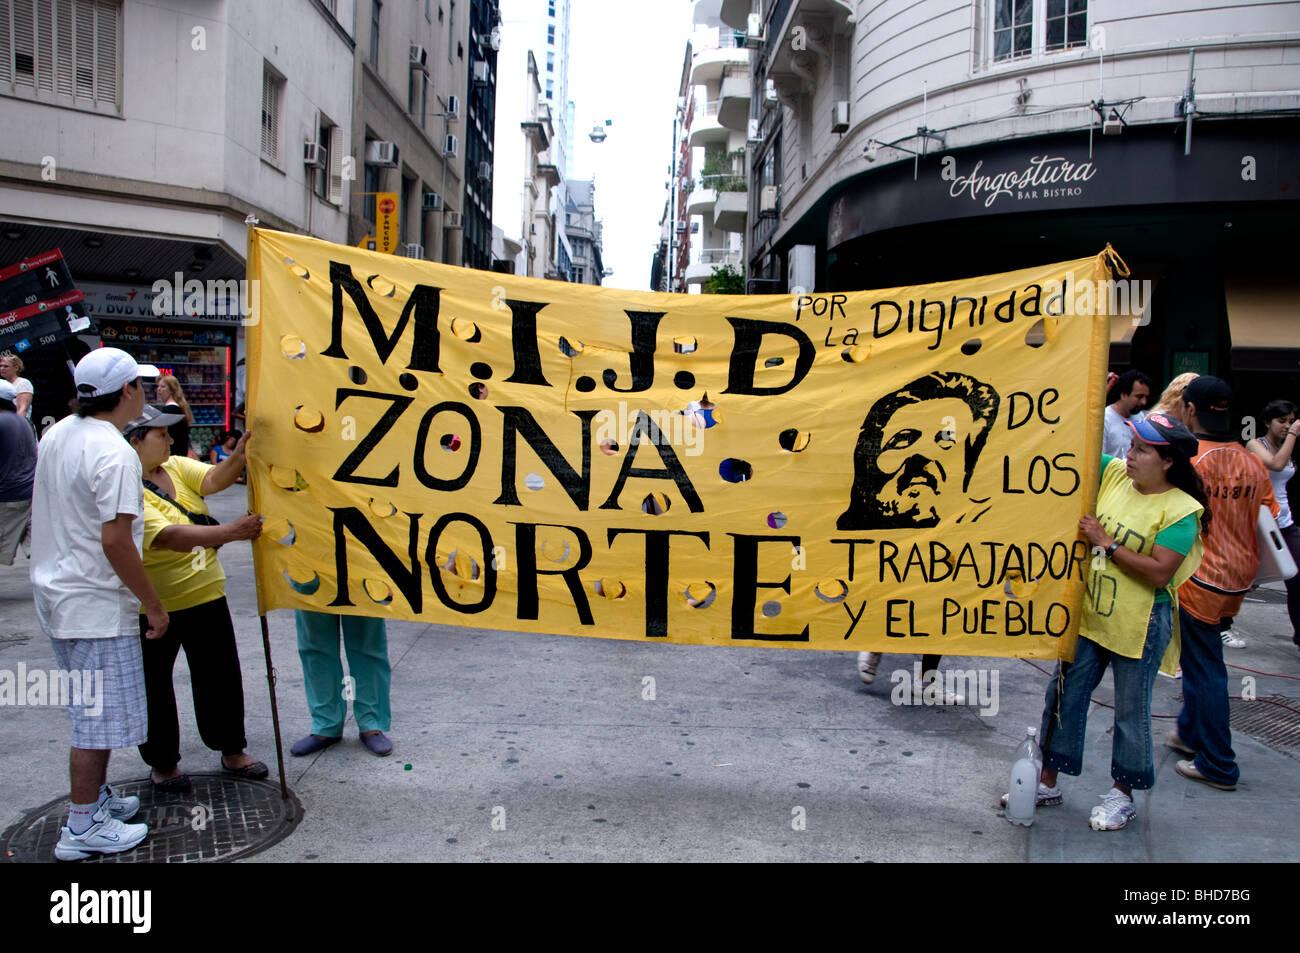 Marcha de protesta de demostración Zona Norte de la Ciudad de Buenos Aires, Argentina Imagen De Stock